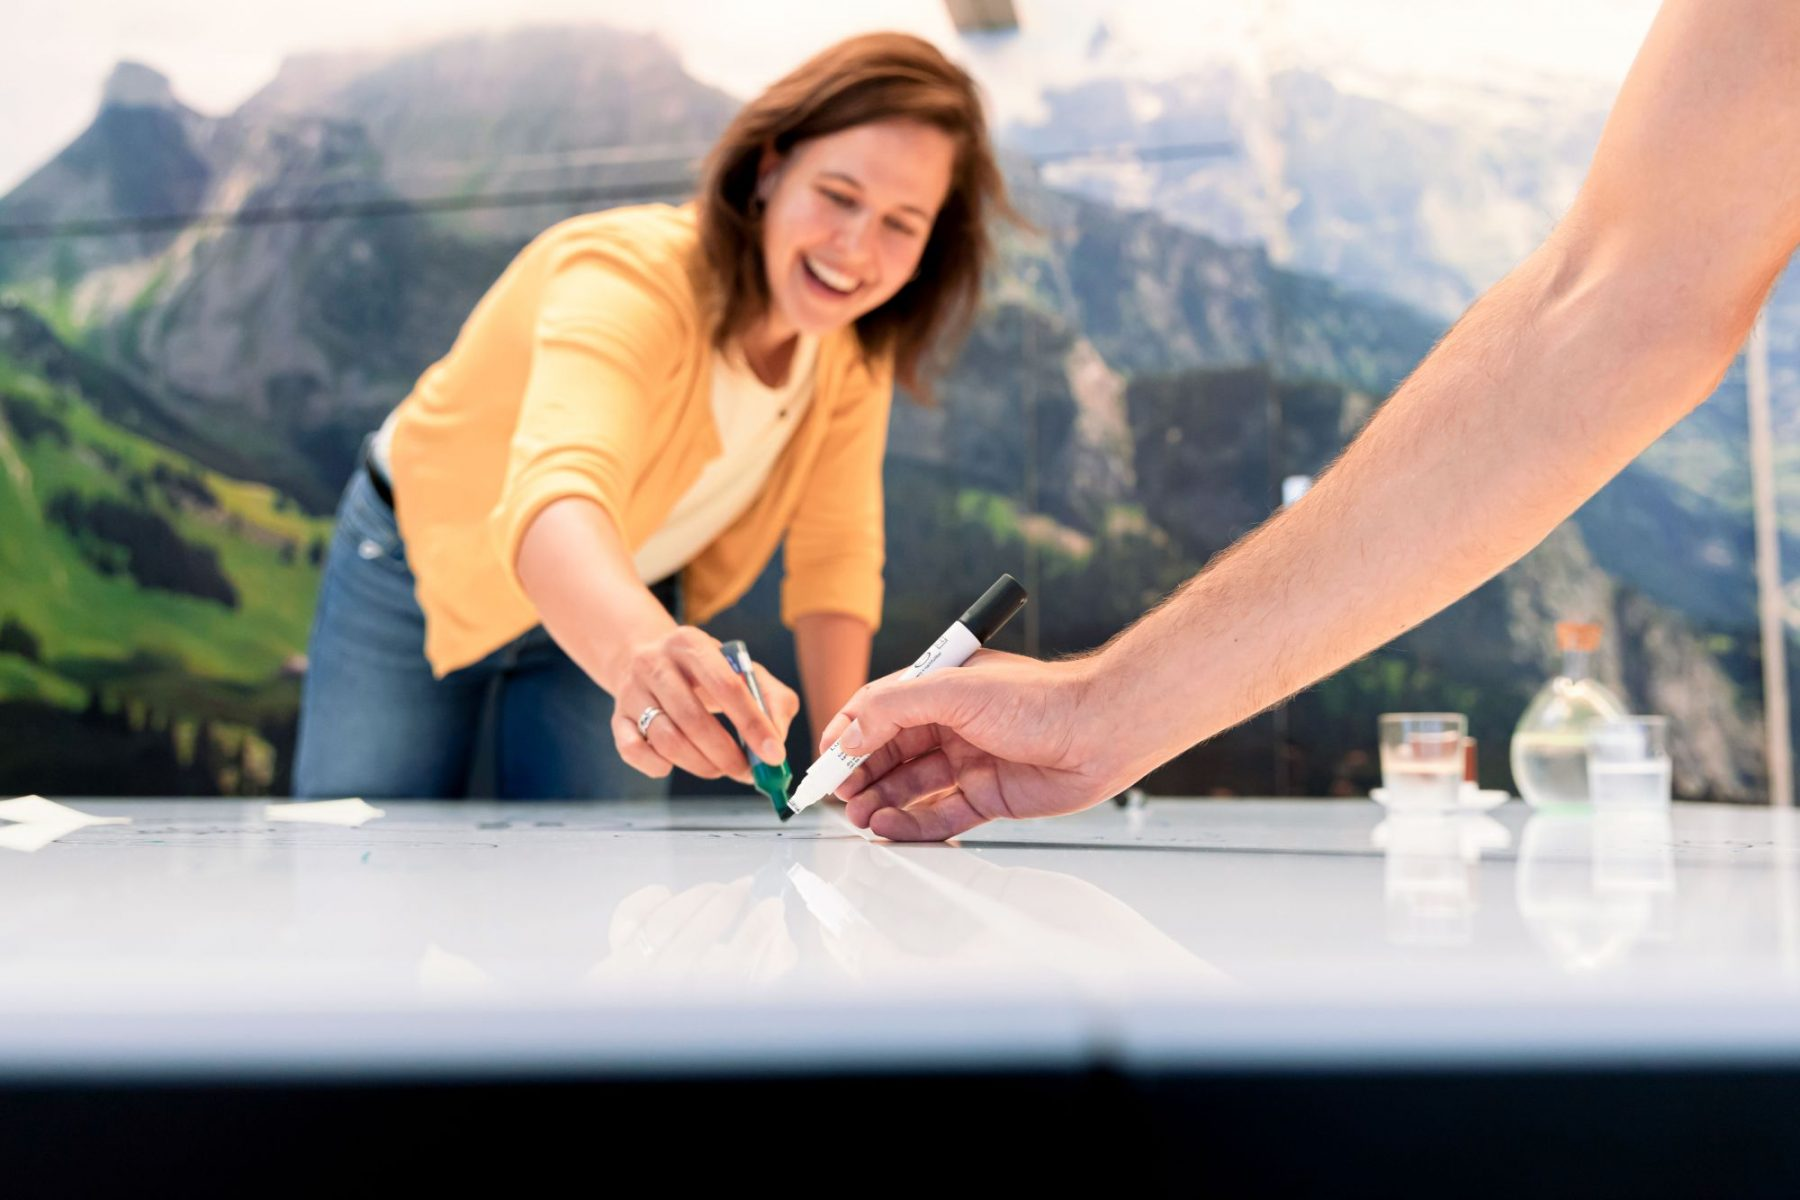 Tekenen op tafel bij de Kabelfabriek. Foto: Marianne Q.